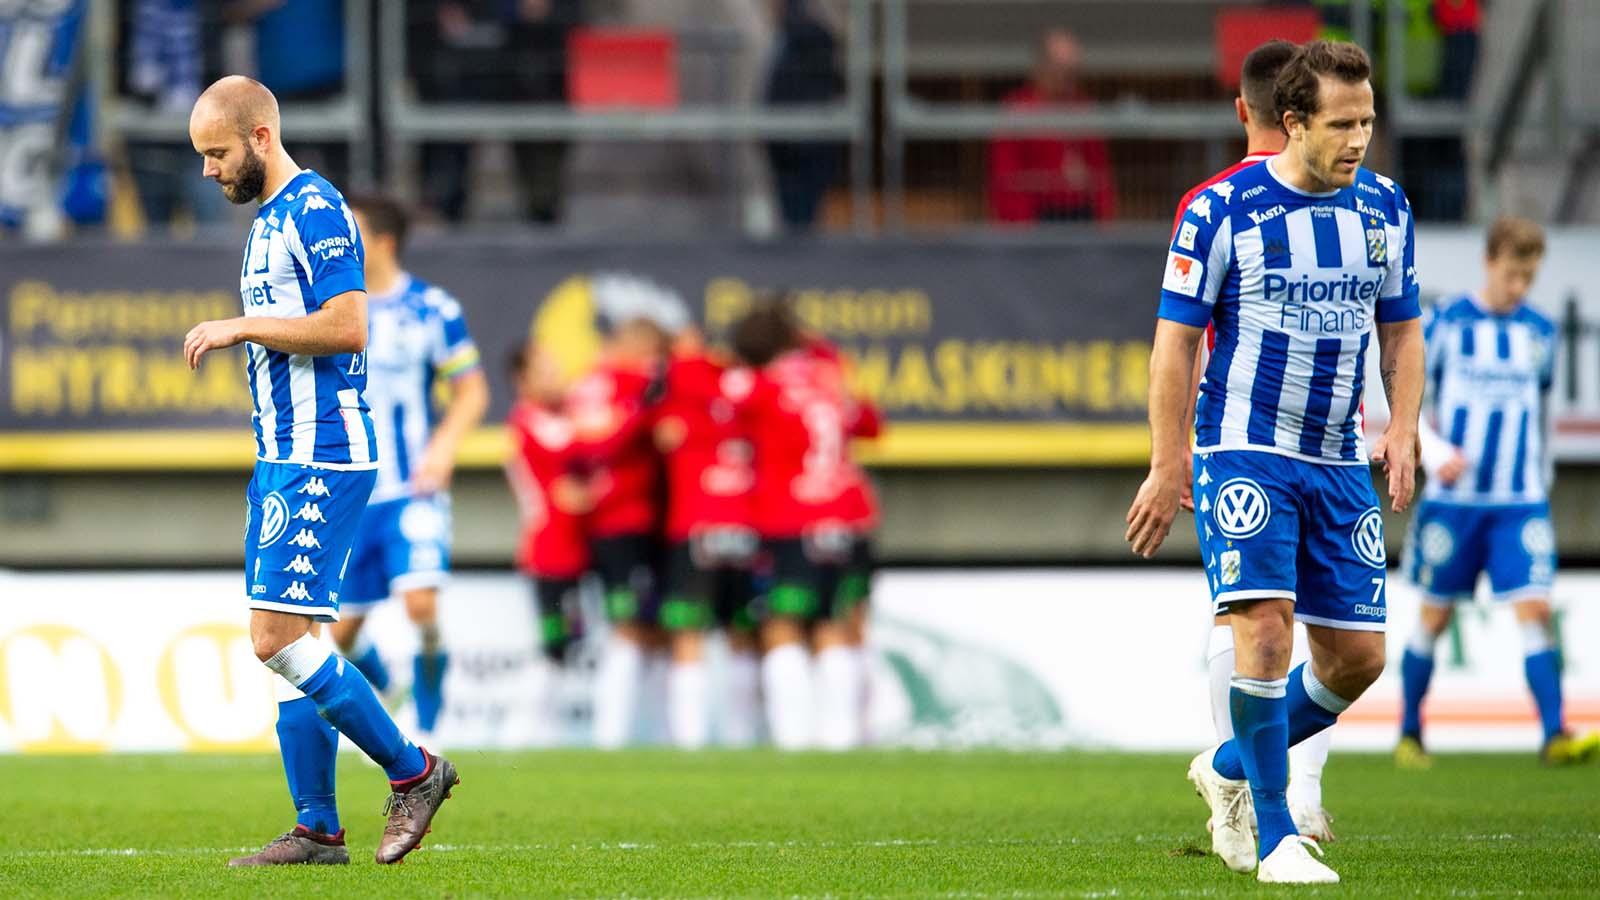 181006 IFK Göteborgs Robin Söder och Tobias Hysén deppar efter Trelleborgs 1-2 mål under fotbollsmatchen i Allsvenskan mellan IFK Göteborg och Trelleborg den 6 oktober 2018 i Göteborg. Foto: Daniel Stiller / Bildbyrån / kod DS / 59265